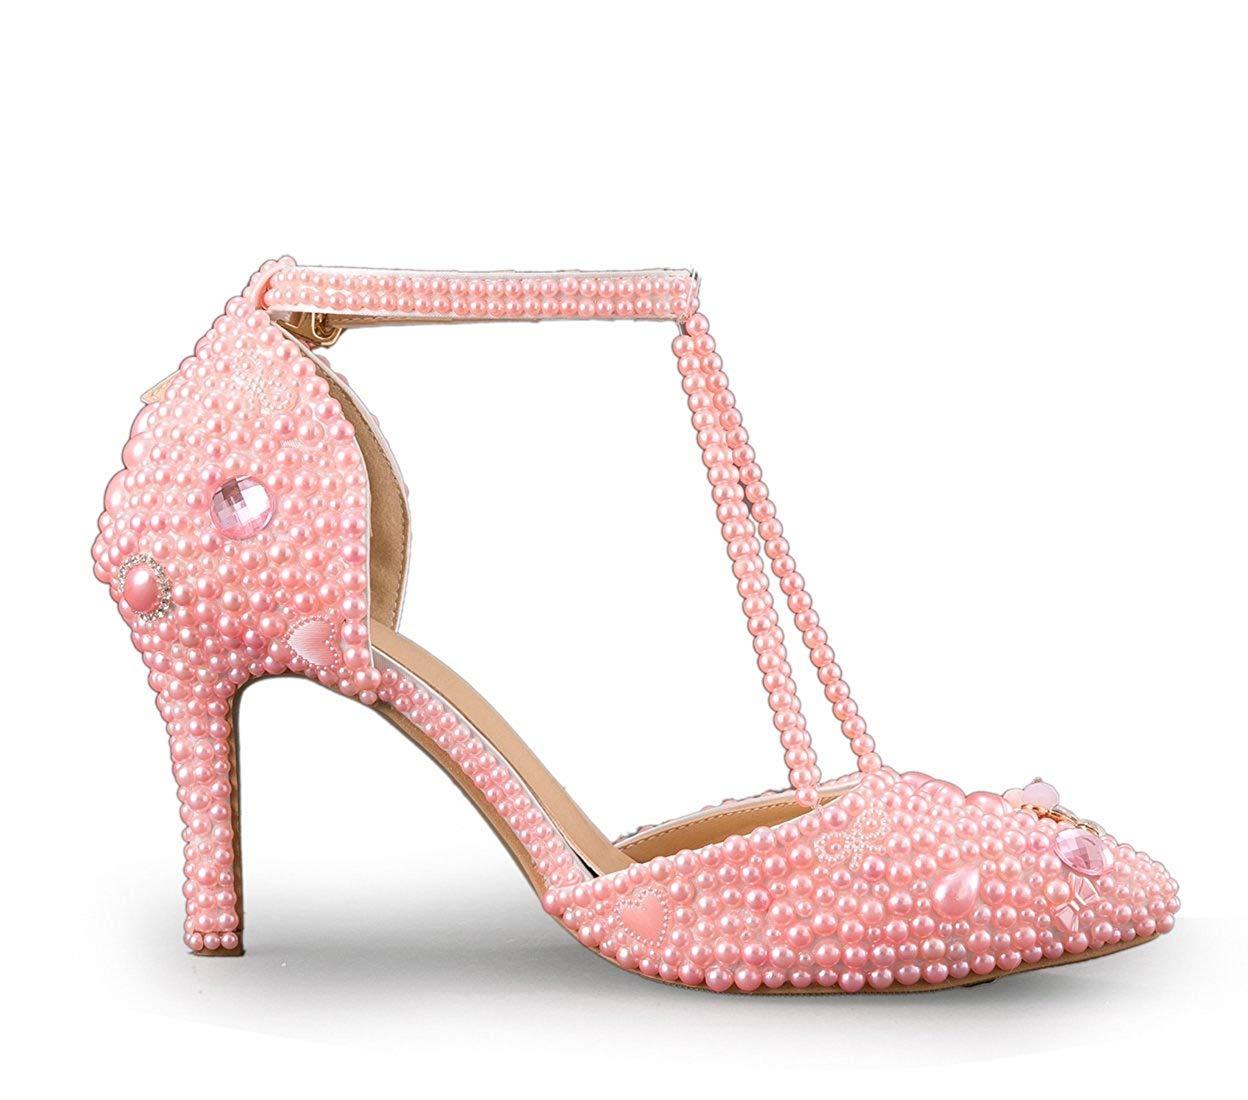 Qiusa T-Bügel-Perle der Frauen die die die Braut-Rosa-Hochzeits-Leistungs-Schuhe Großbritannien 2 bördelt (Farbe   - Größe   -) a8d143